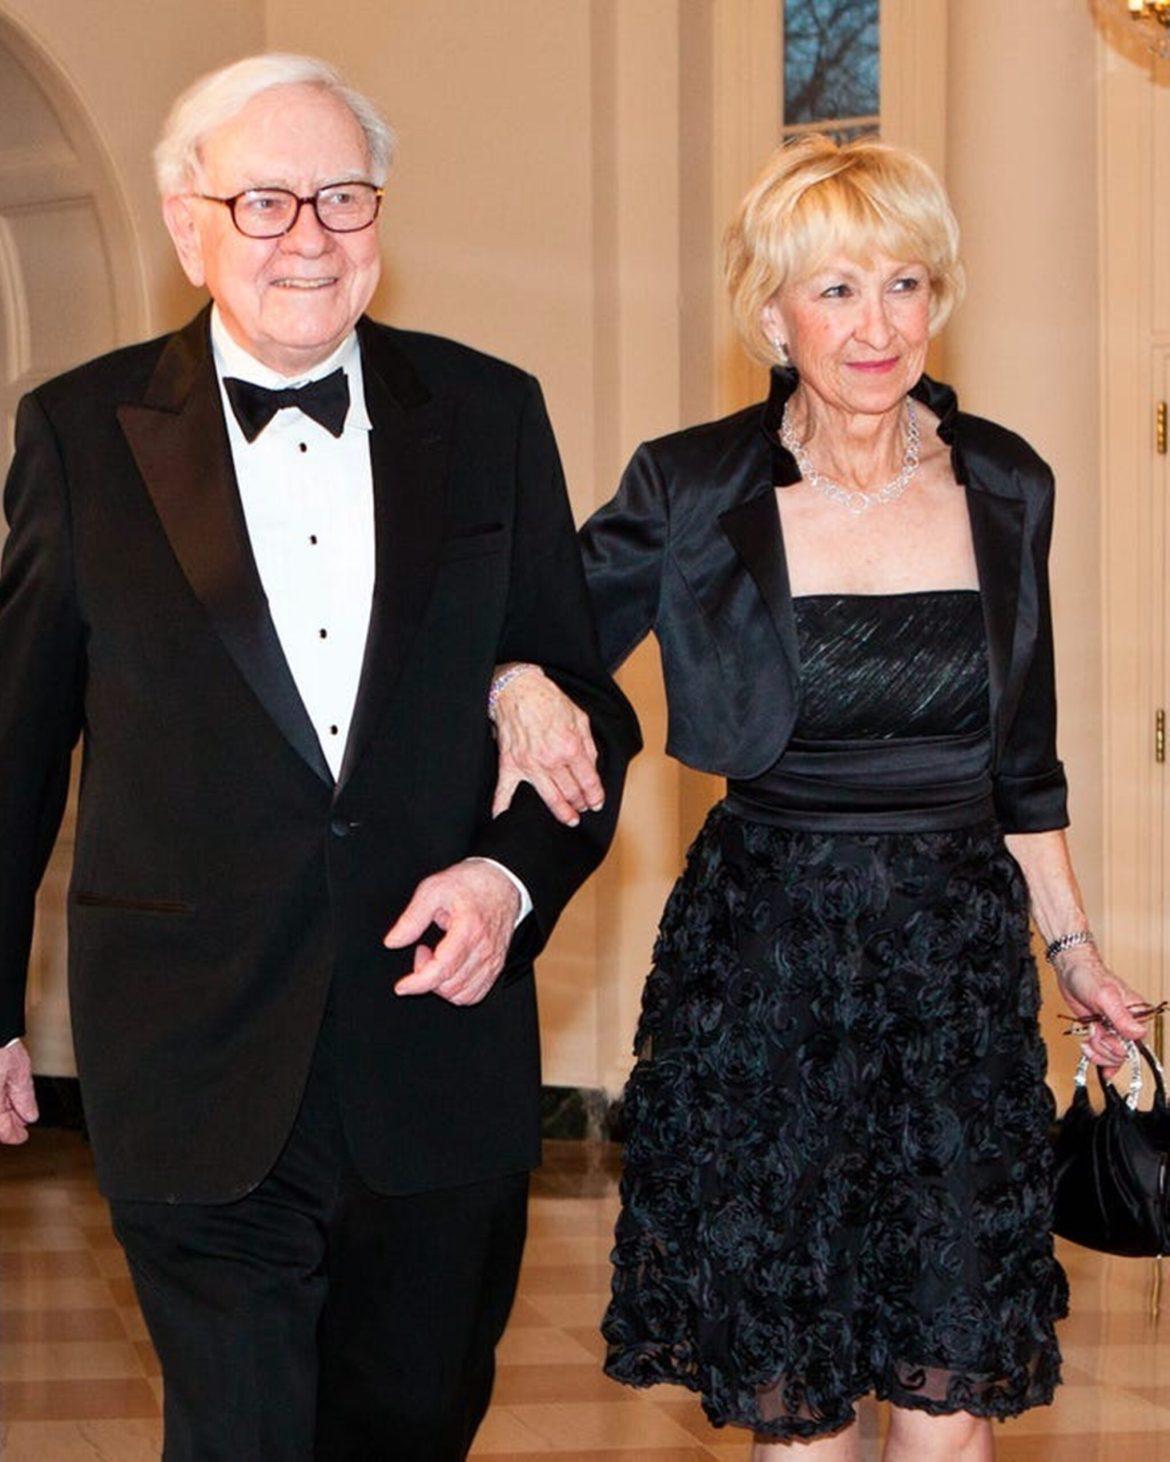 Esposas de bilionários - Astrid Menks e Warren Buffett.